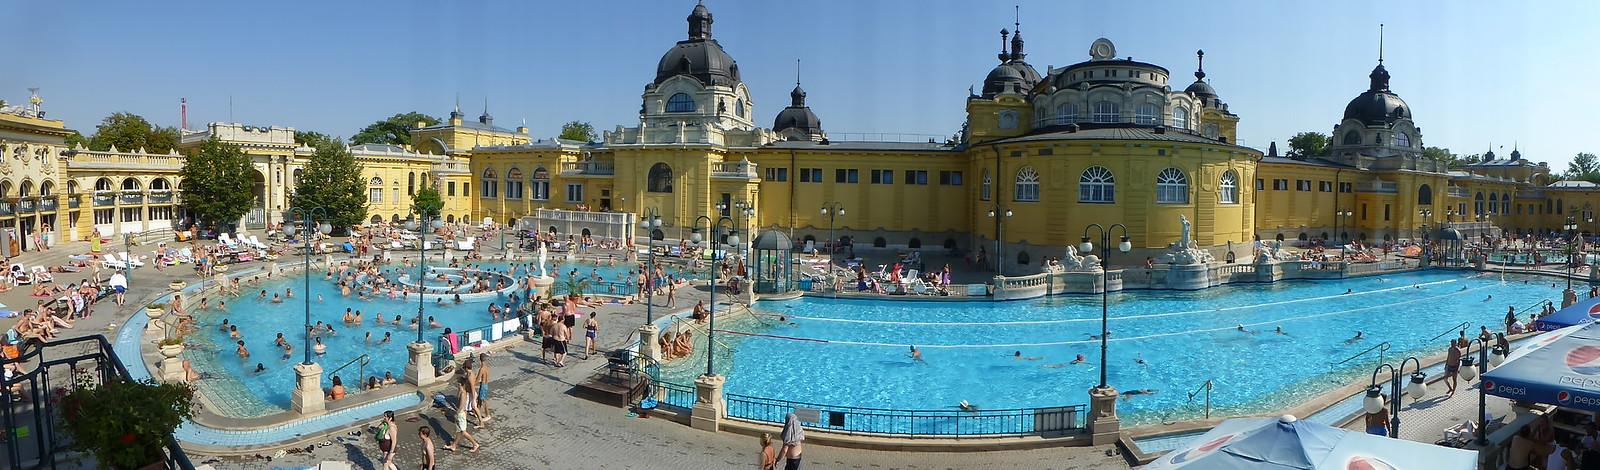 Szechenyi bath panorama, Budapest